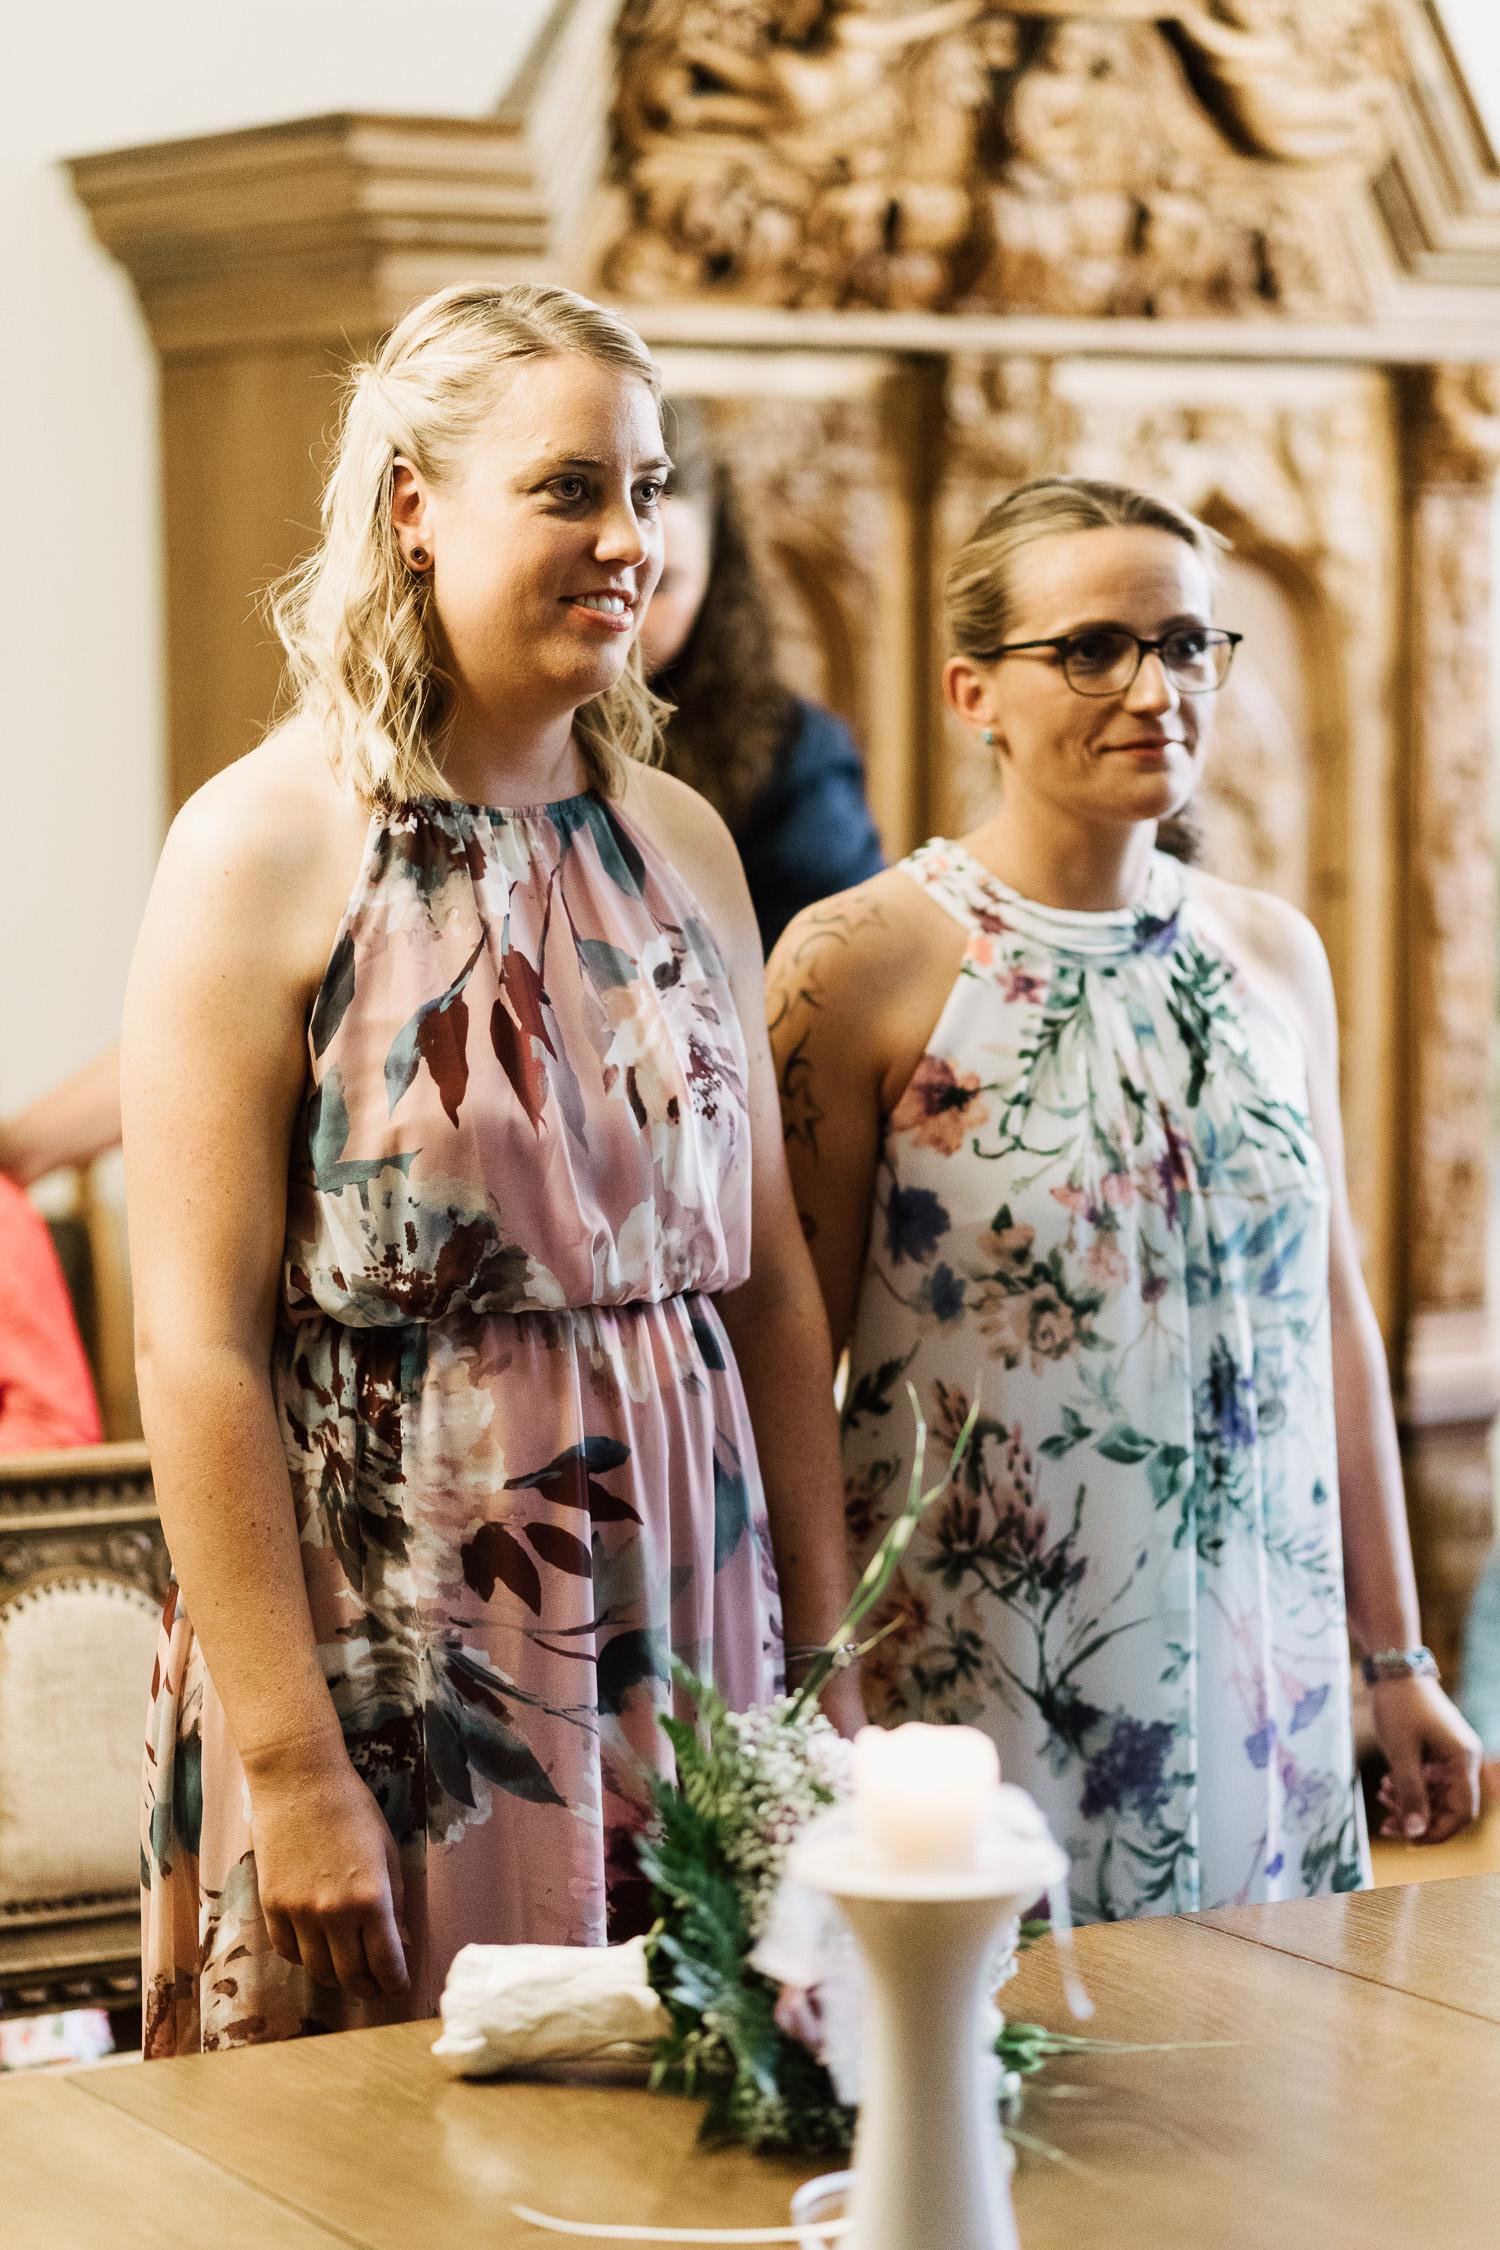 Hochzeit-Elena-Sandra-10a-1 Elena & Sandra - gleichgeschlechtliche Hochzeit bei Hameln Hochzeitreportage